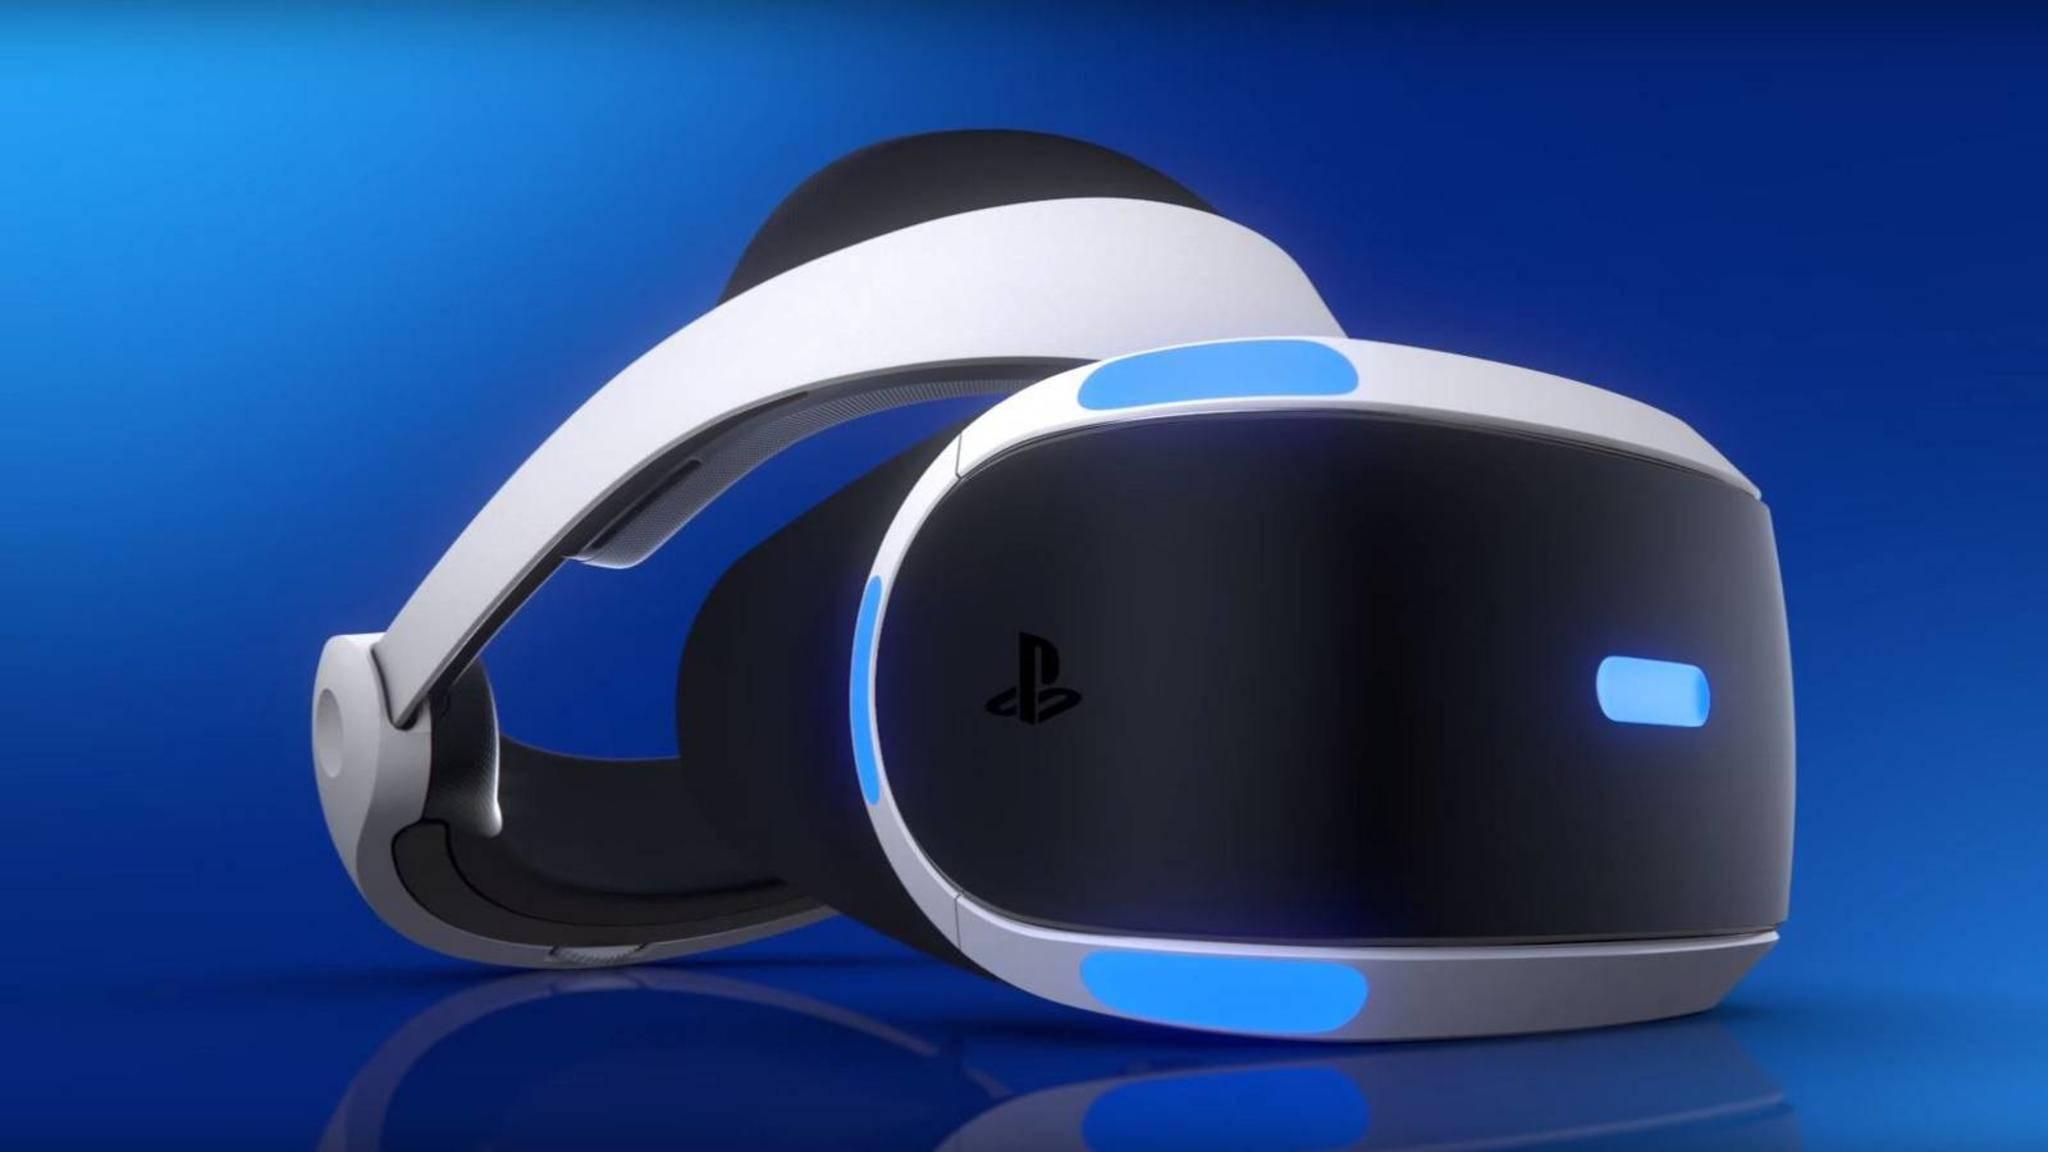 Ab sofort können auch 360-Grad-Videos von YouTube über die PlayStation VR angeschaut werden.